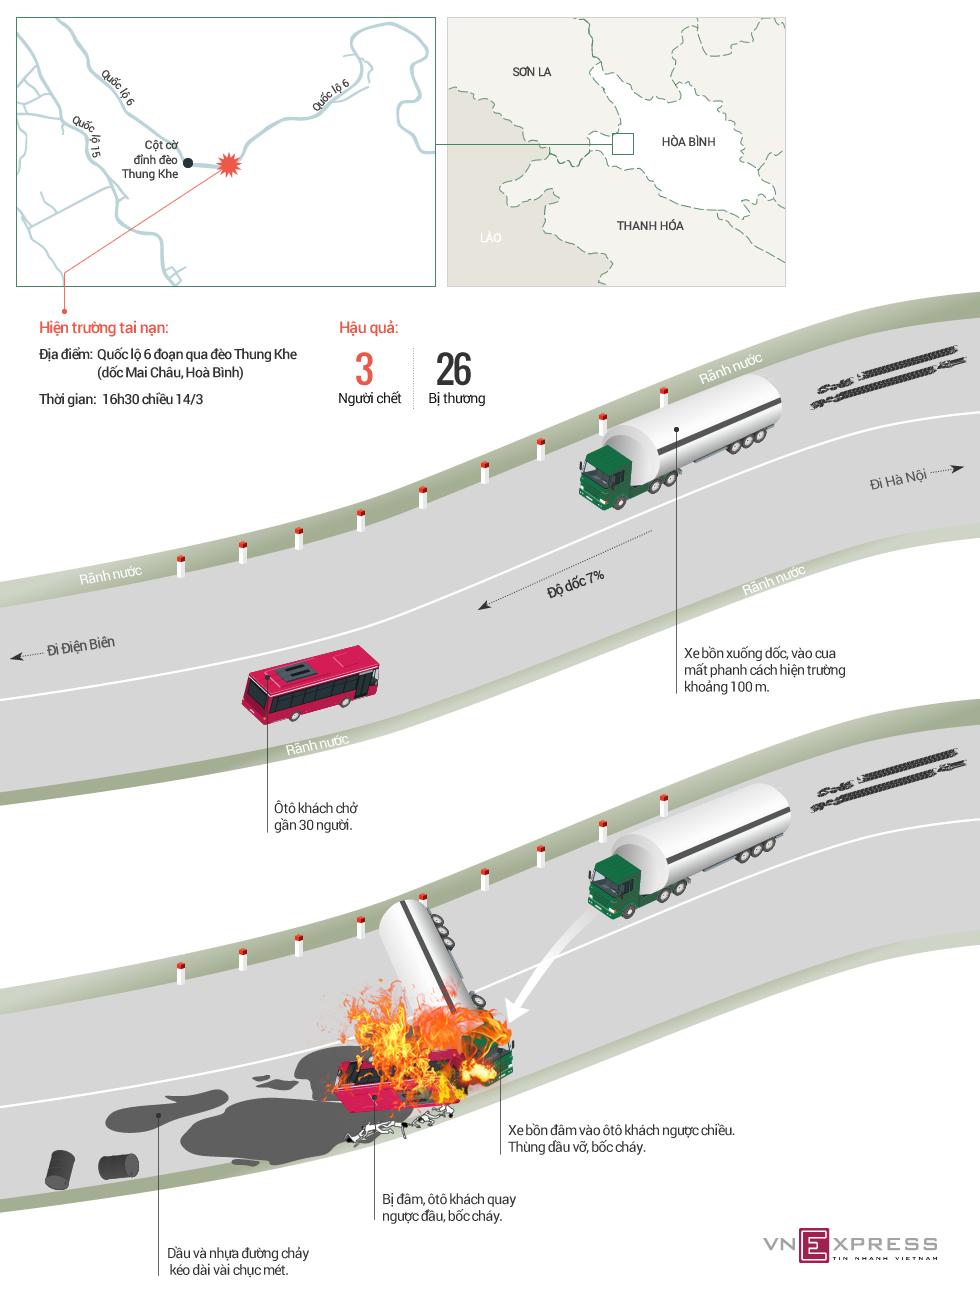 Xe bồn đâm ôtô khách khiến 30 người gặp nạn như thế nào